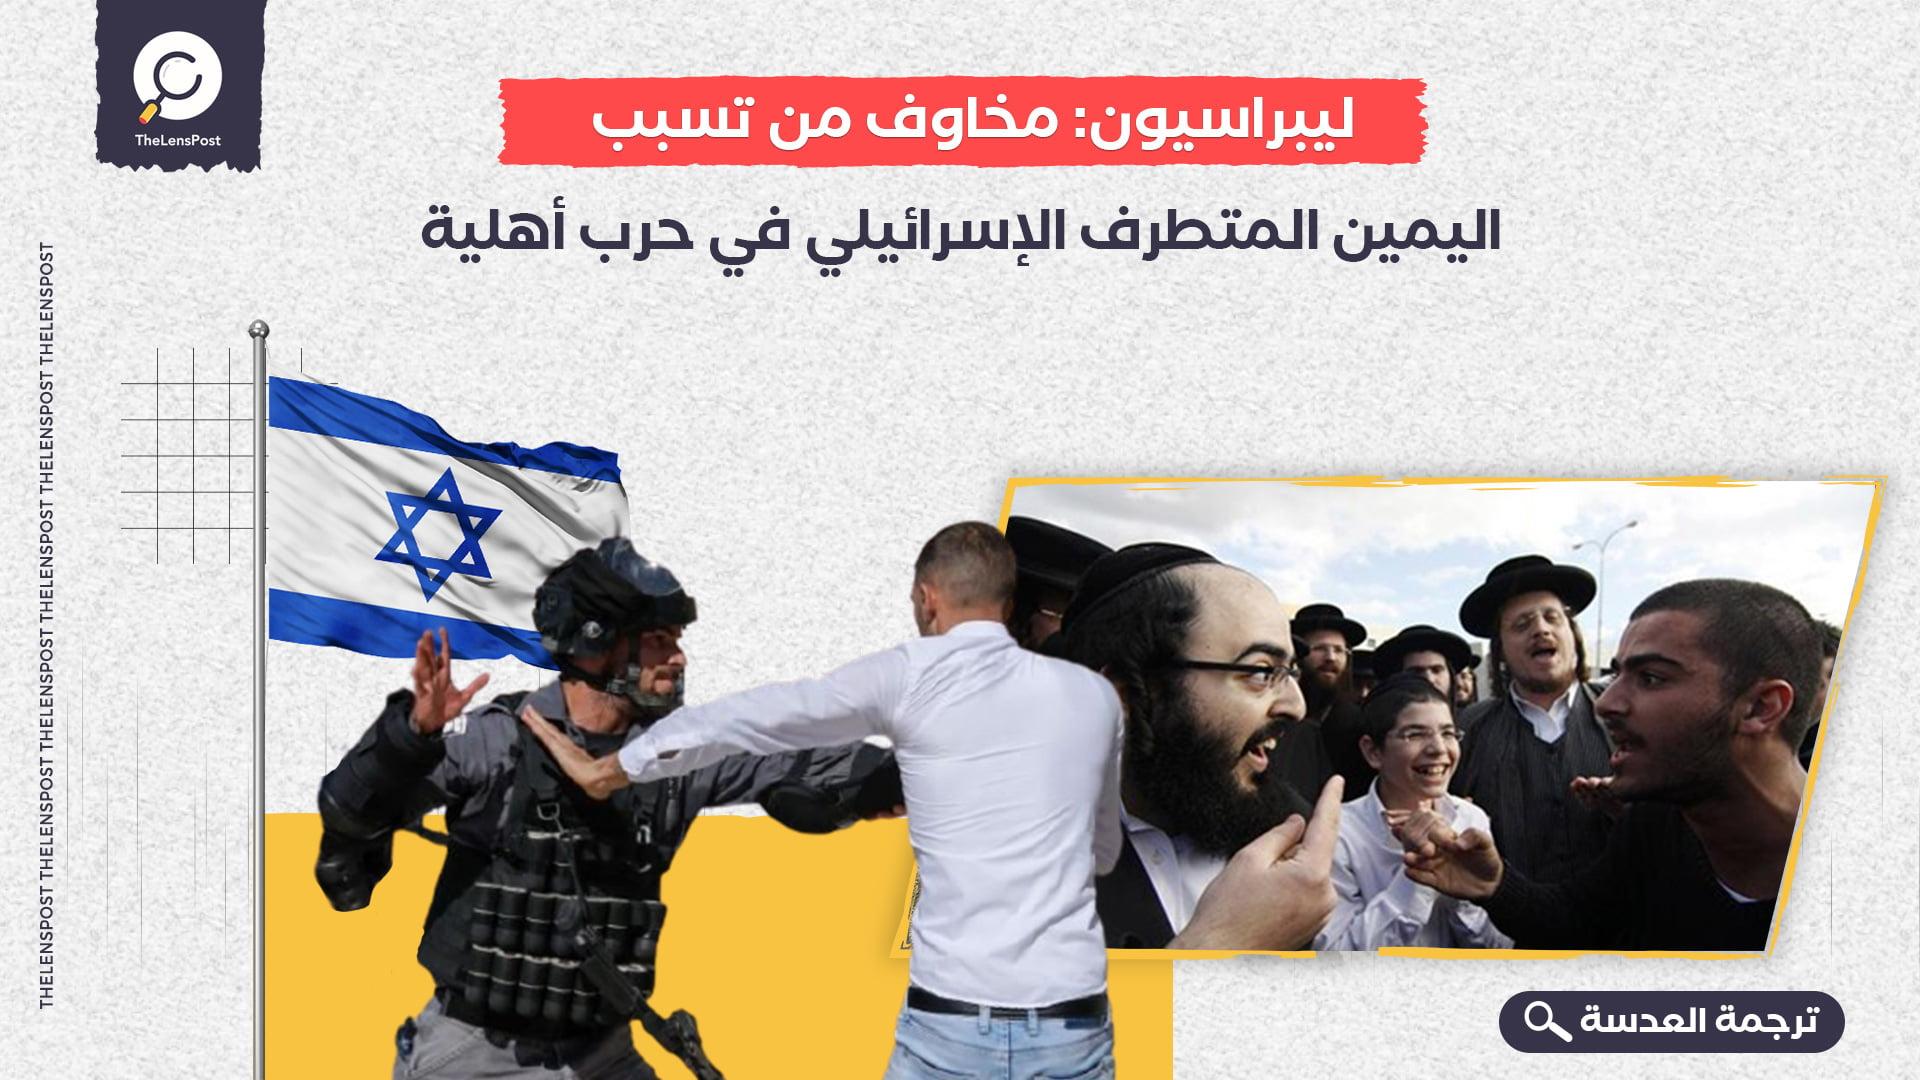 ليبراسيون: مخاوف من تسبب اليمين المتطرف الإسرائيلي في حرب أهلية